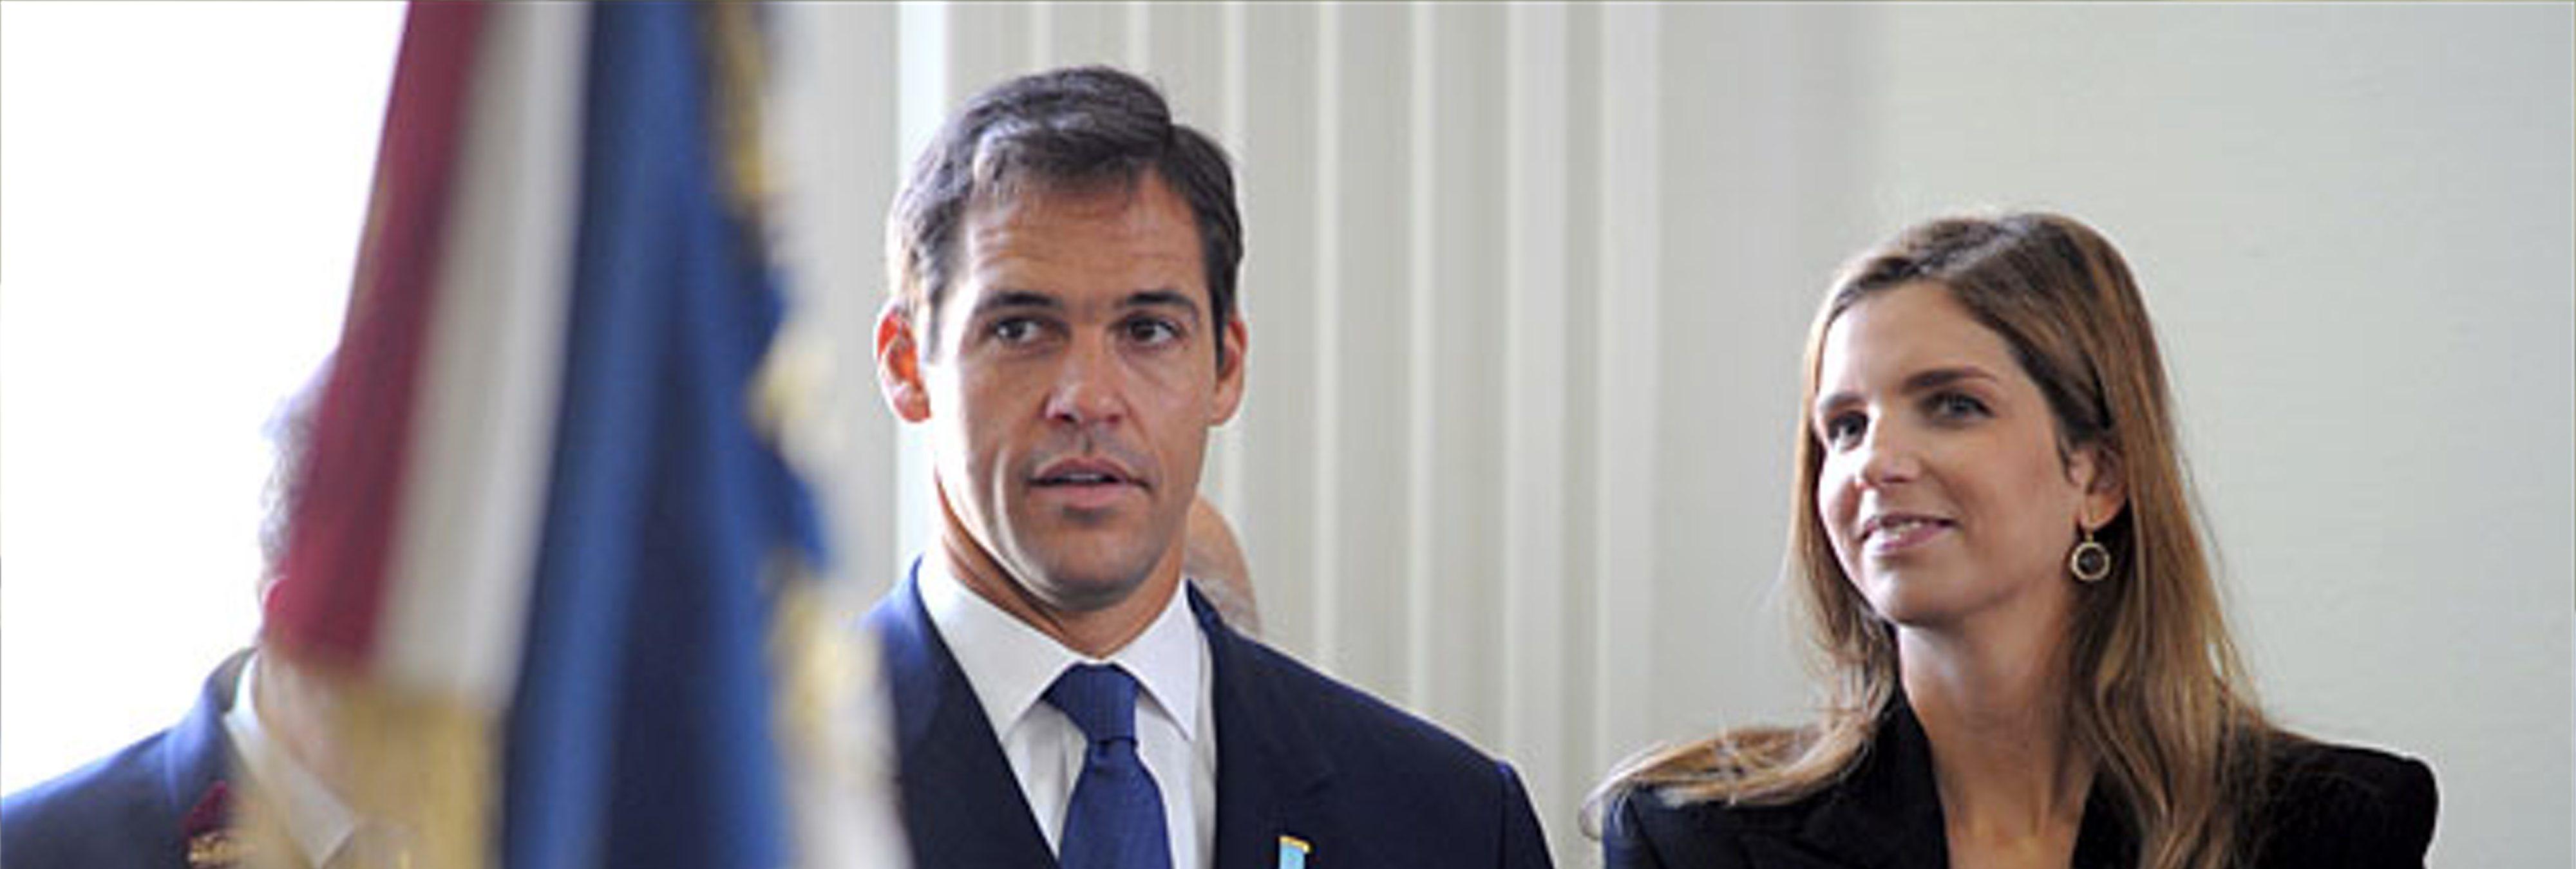 El sobrino del Rey Juan Carlos: ''Cuando se ataca a Franco, se ataca a los míos''